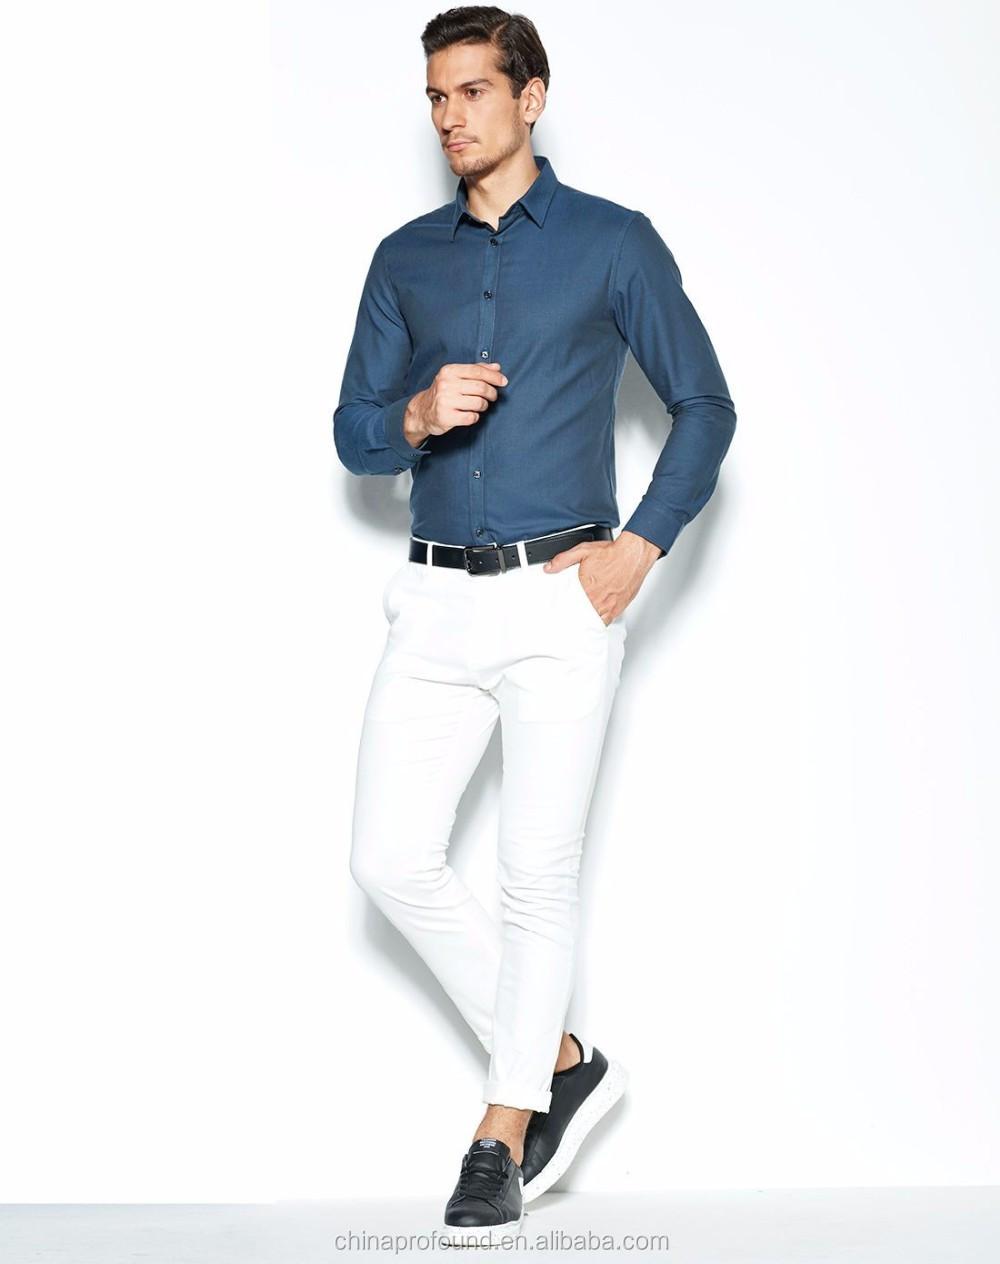 De Vestir Manga Larga Liso Para camisa Oficina Hombre Los Hombre camisas Camisa Color Hombres Hombre Buy Vestido 7Yfbgv6y